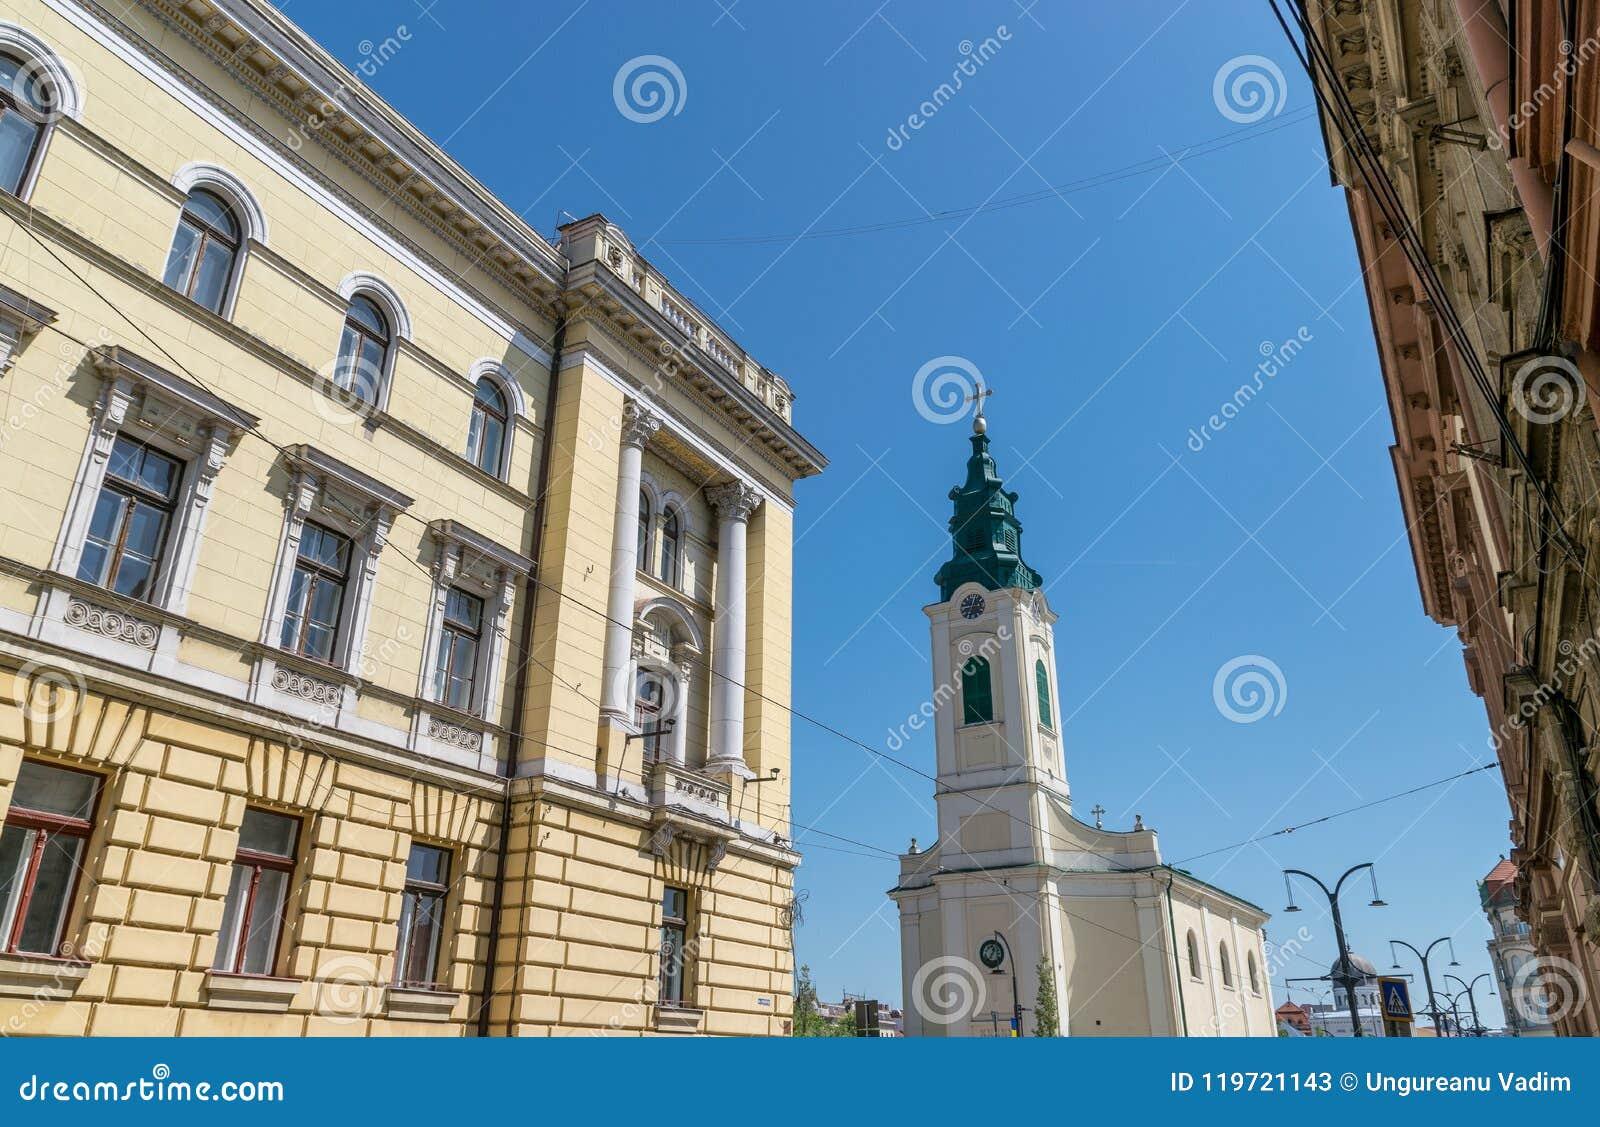 Αρχιτεκτονική κτηρίων σε Oradea, Ρουμανία, περιοχή Crisana